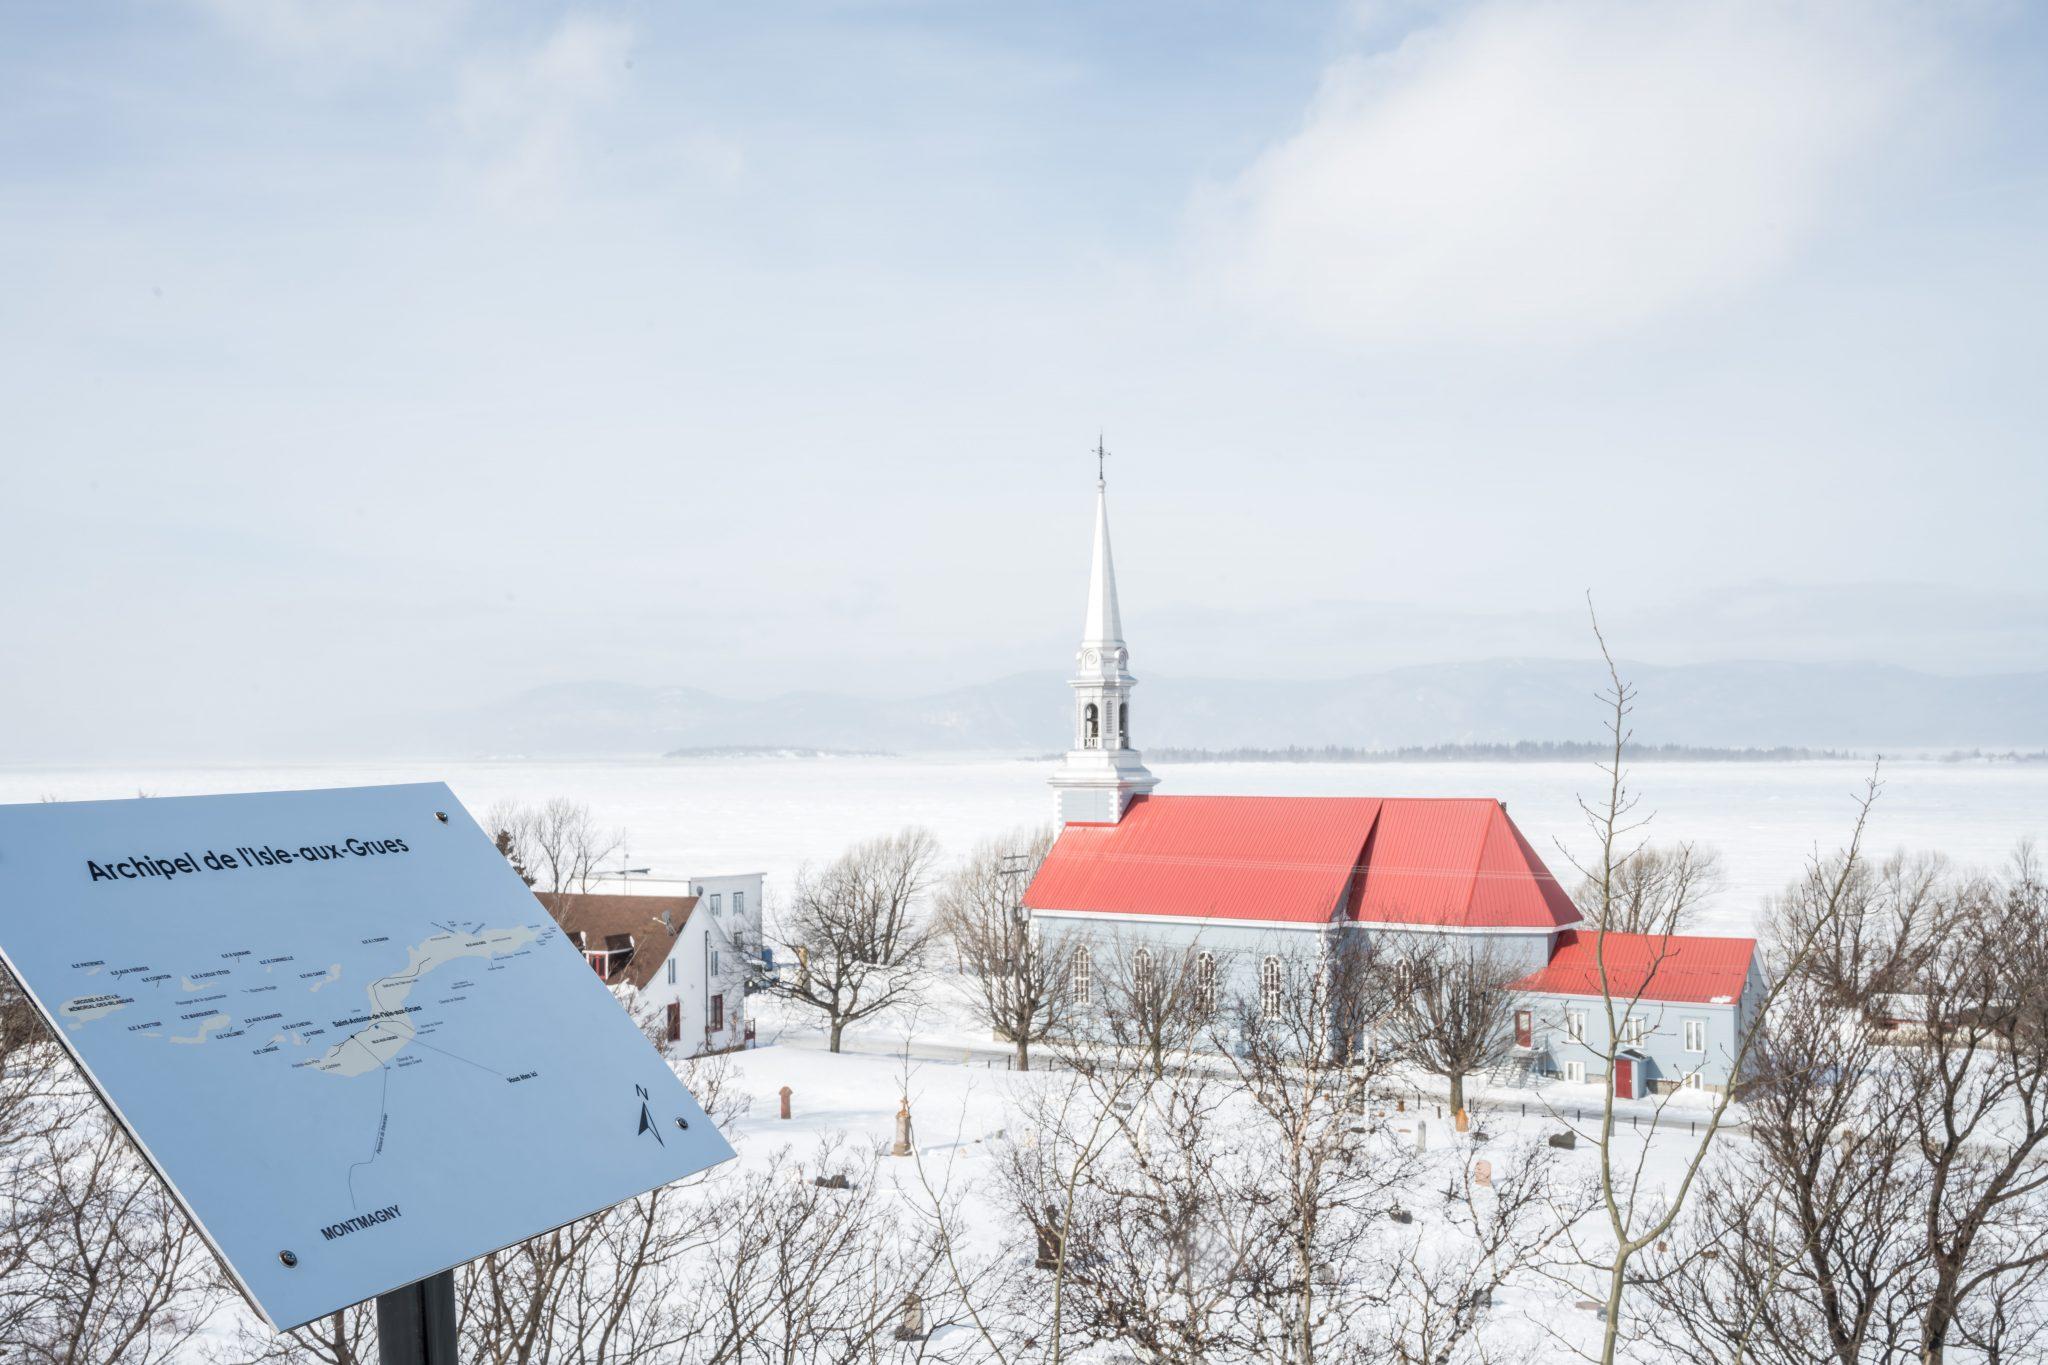 église toit rouge